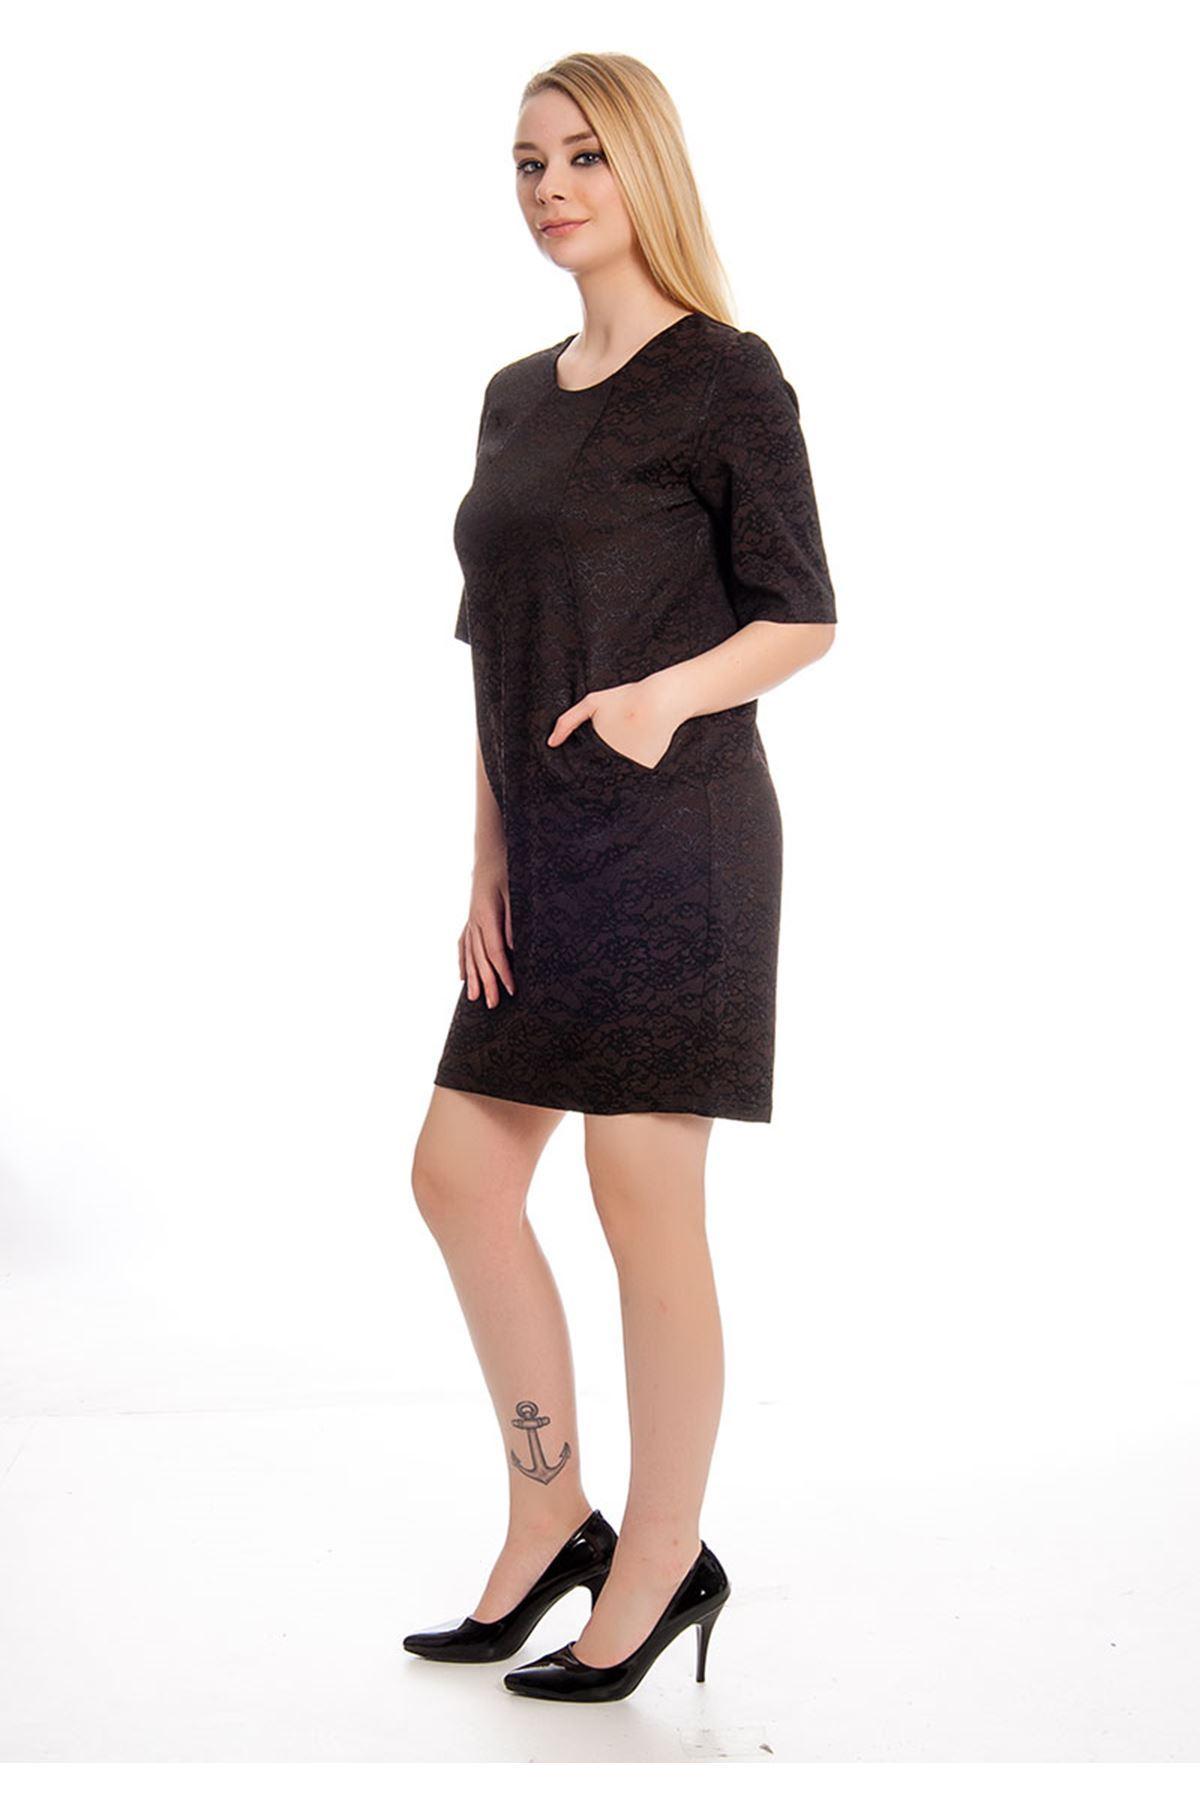 Kahverengi Desenli Kadın Elbise F12-127993